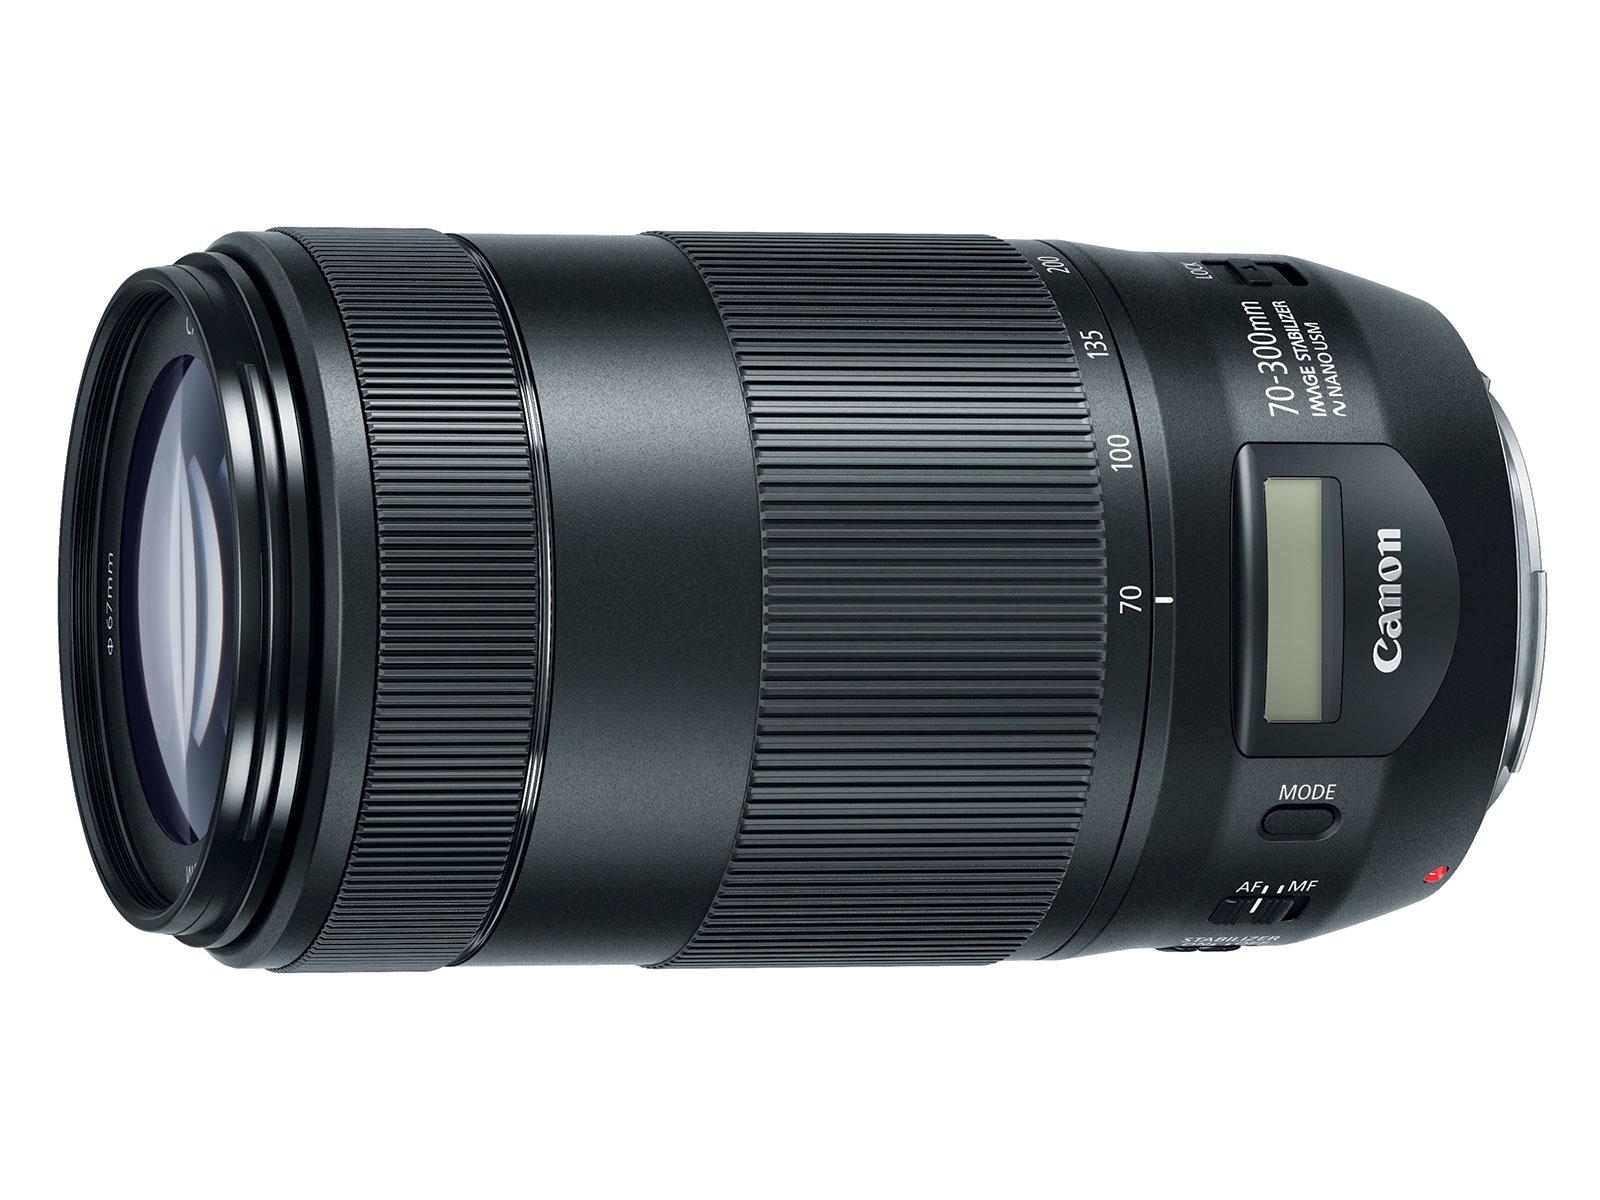 ef 70 300mm f 4 5 6 is ii usm lens announced price 549. Black Bedroom Furniture Sets. Home Design Ideas